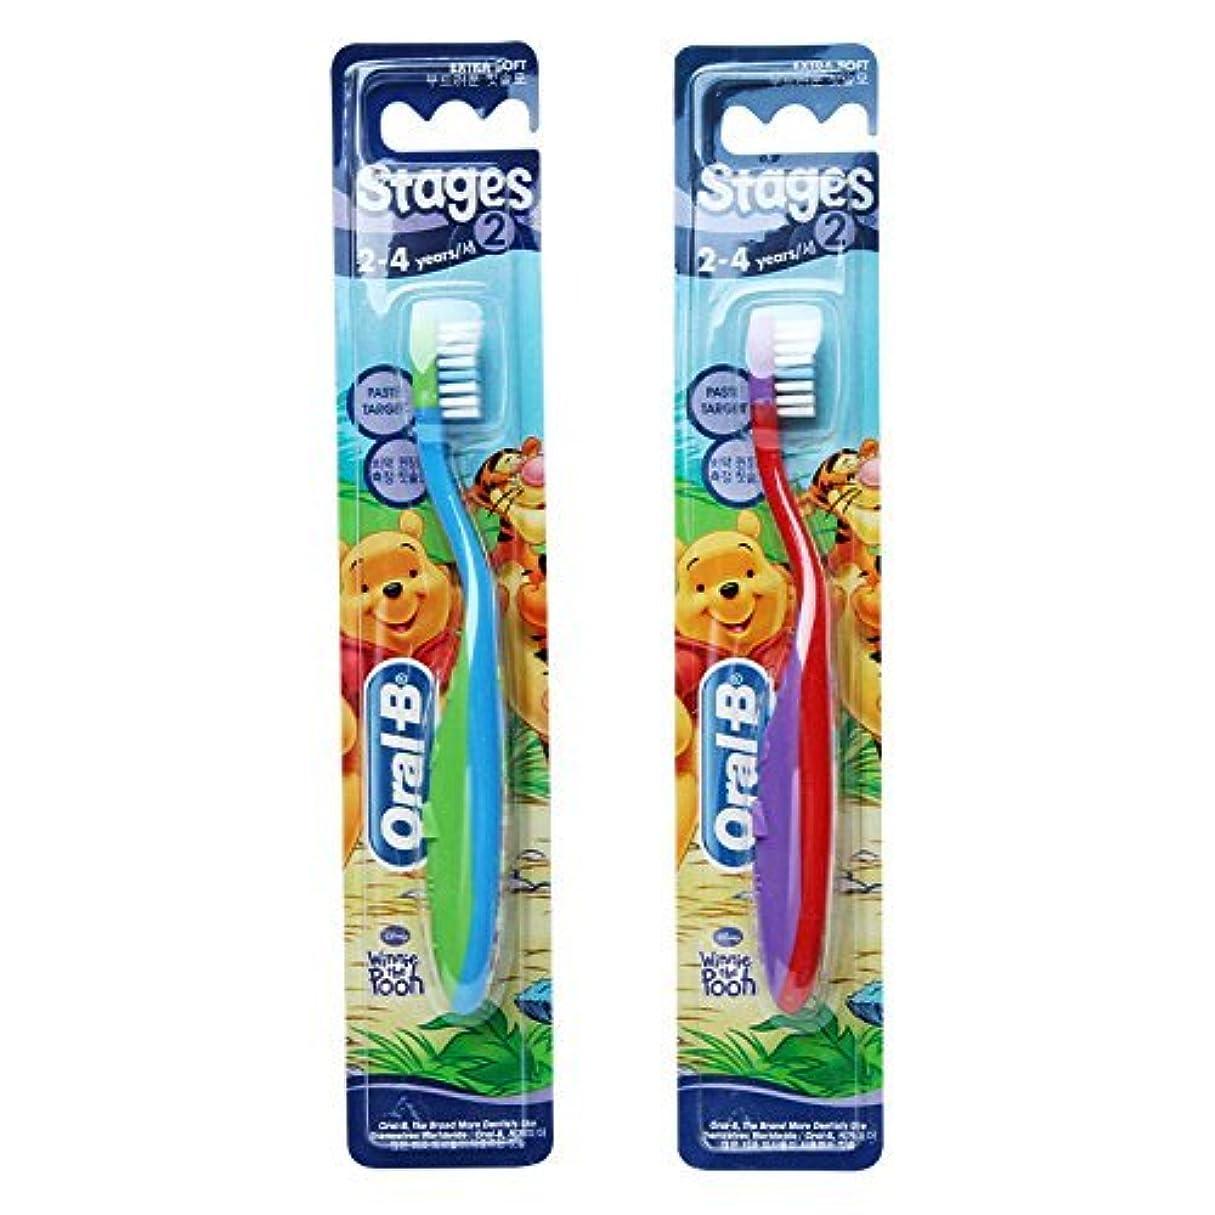 超高層ビル差し迫った振動するOral-B Stages 2 Toothbrush 2 - 4 years 2 Pack /GENUINEと元の梱包 [並行輸入品]